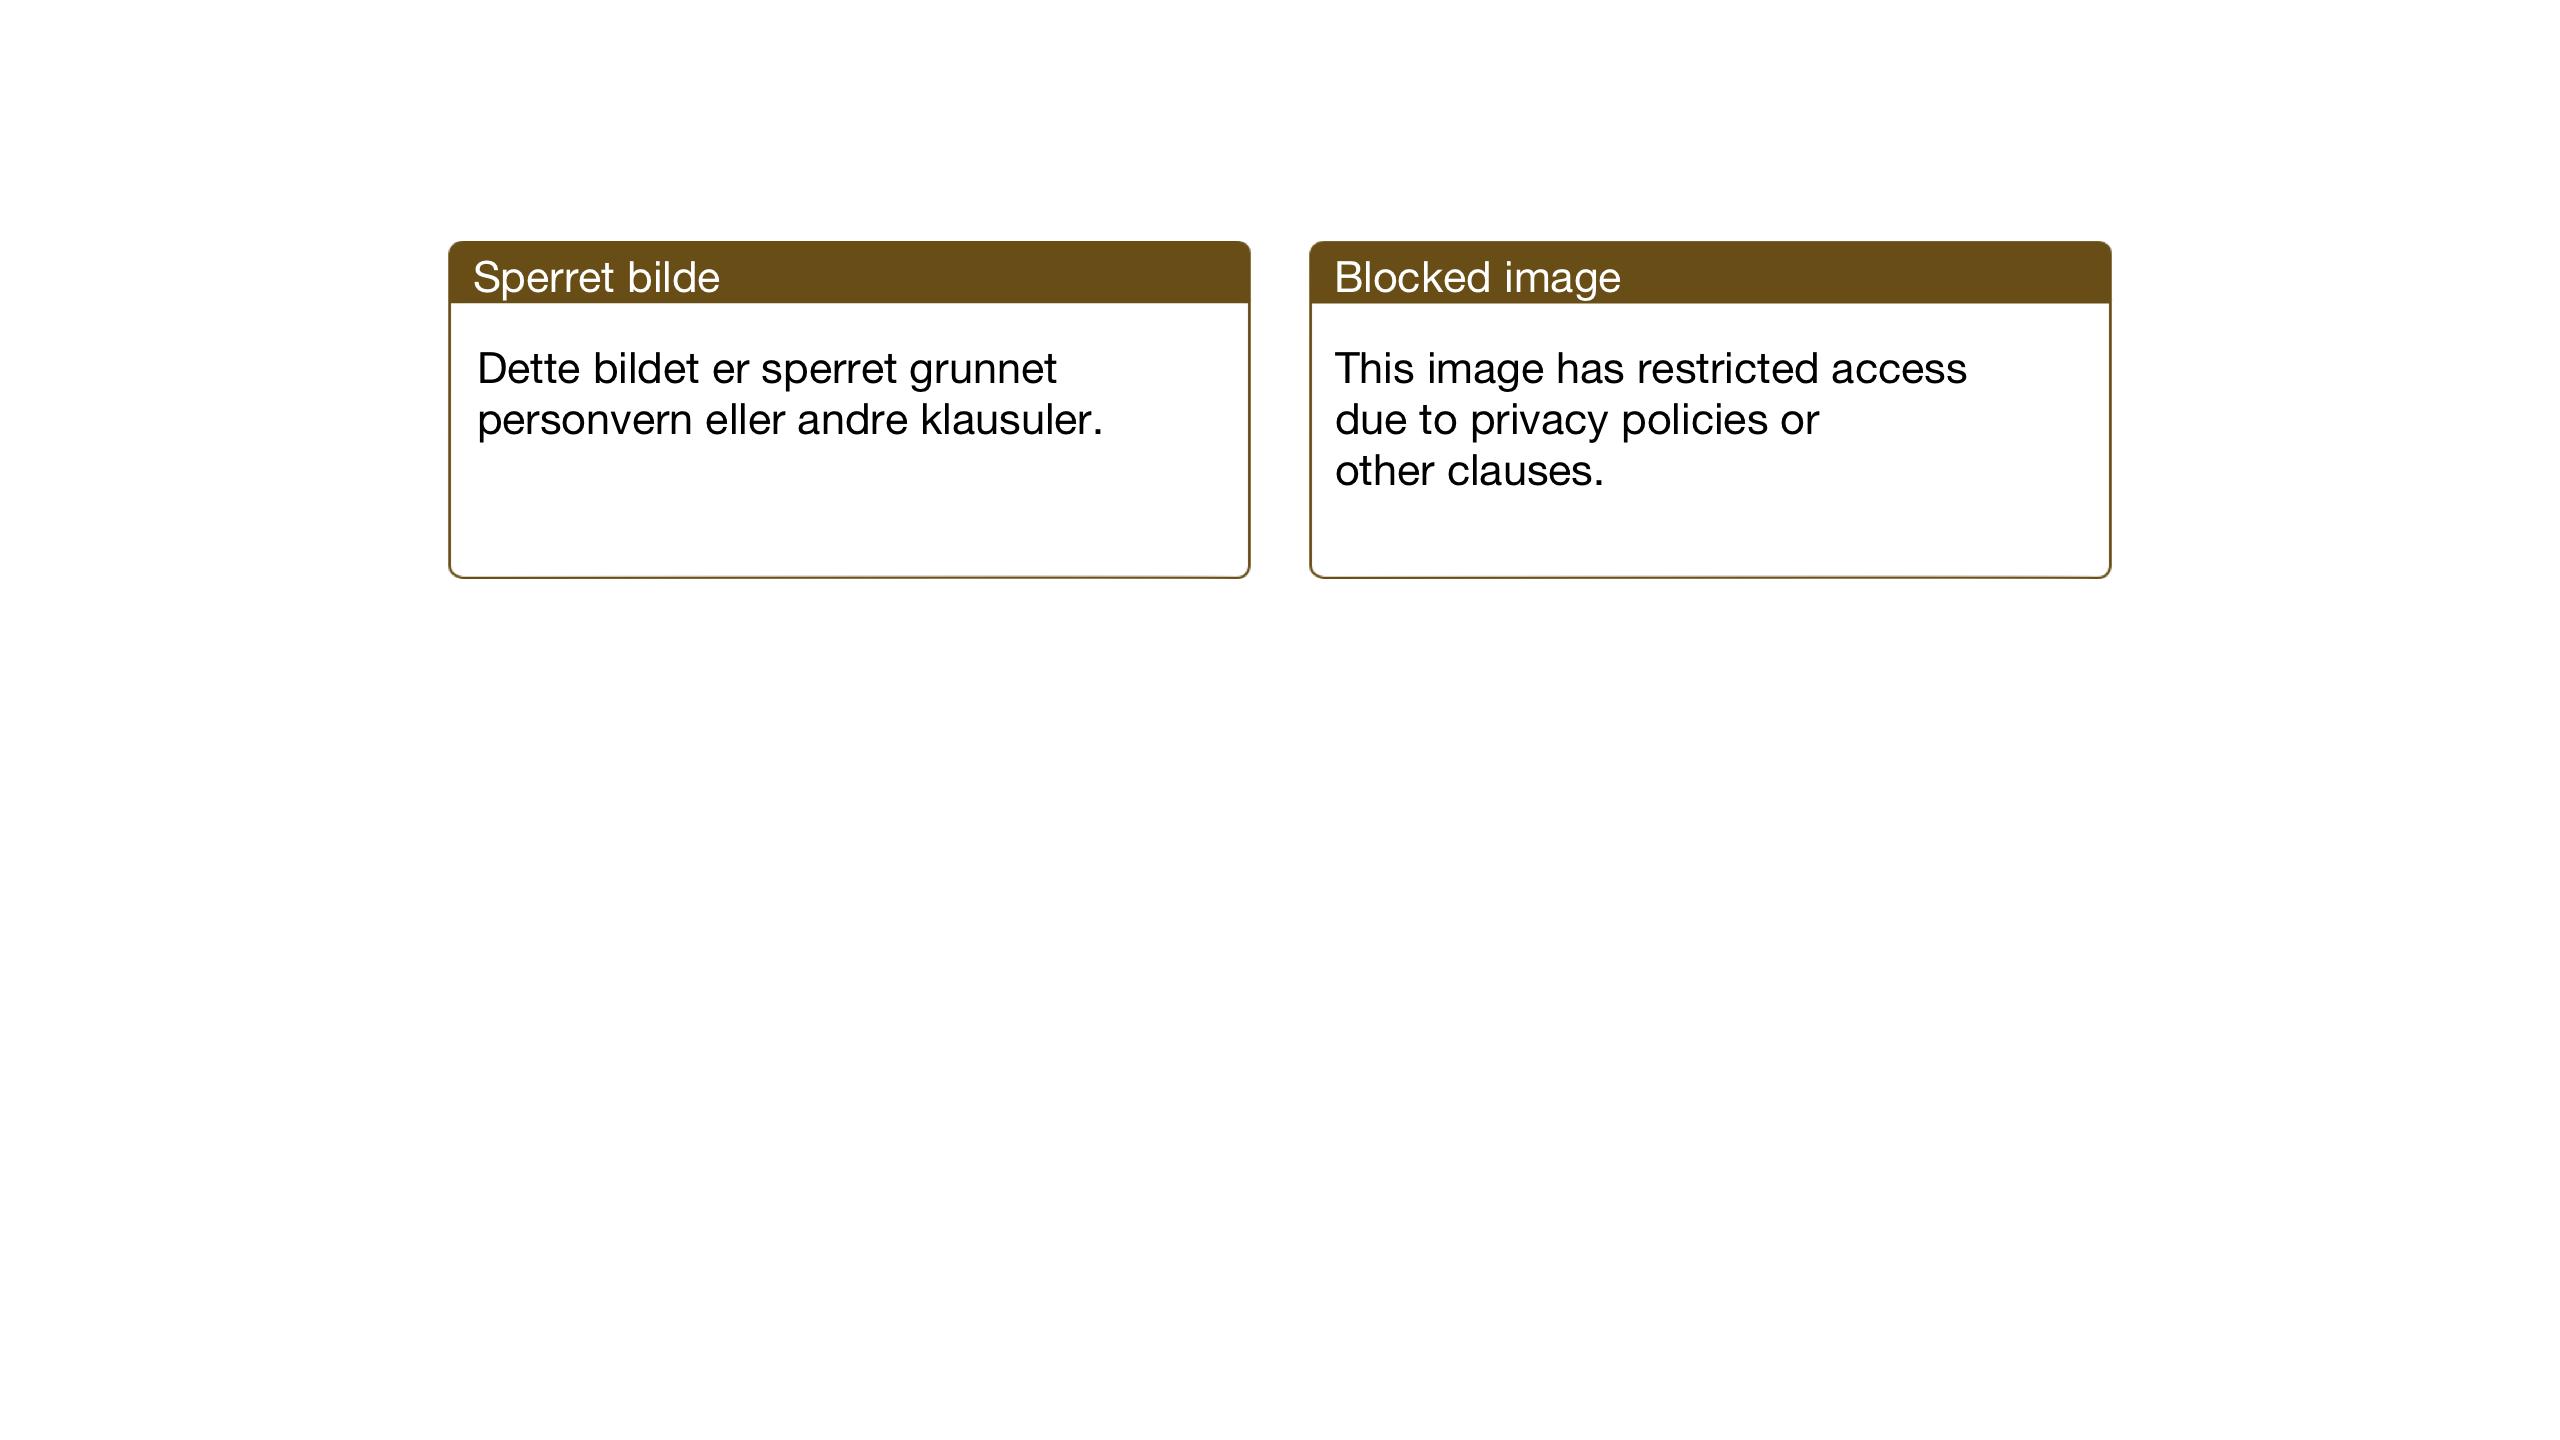 SAT, Ministerialprotokoller, klokkerbøker og fødselsregistre - Nord-Trøndelag, 709/L0088: Klokkerbok nr. 709C02, 1914-1934, s. 99